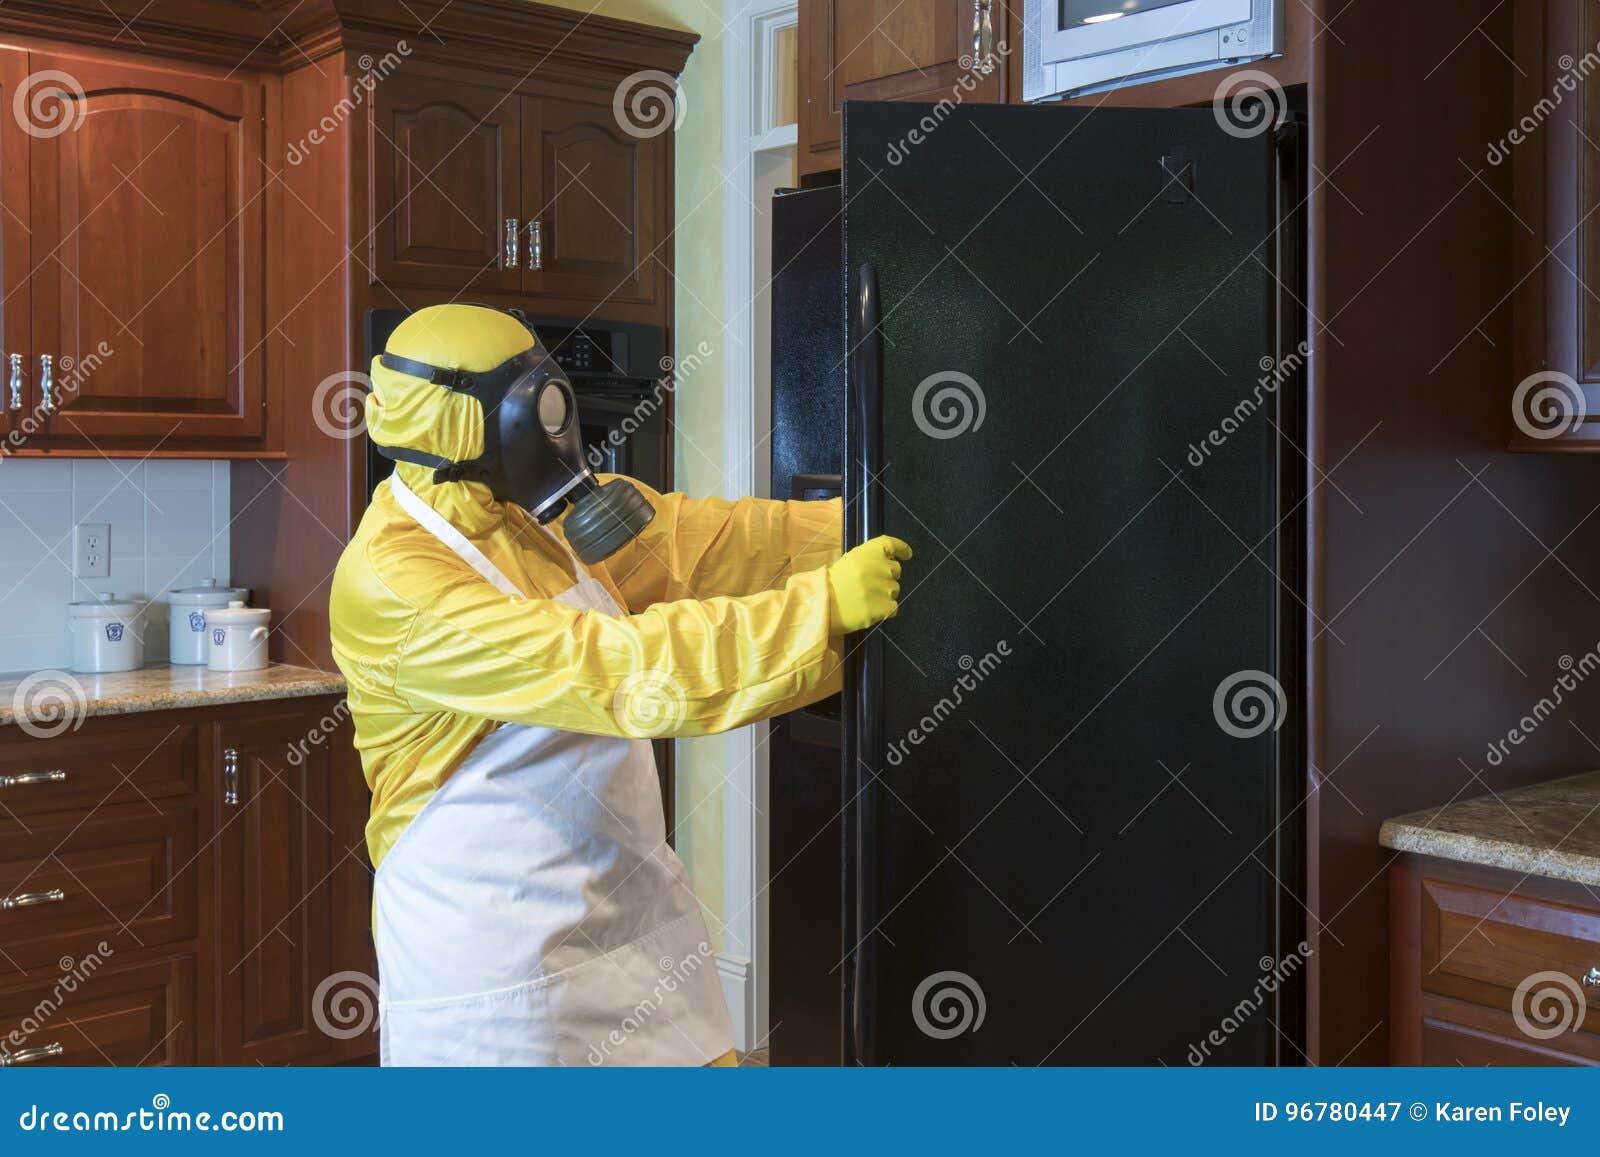 Kühlschrank Matten : Reife frau in der haz mattenklage die im kühlschrank schaut